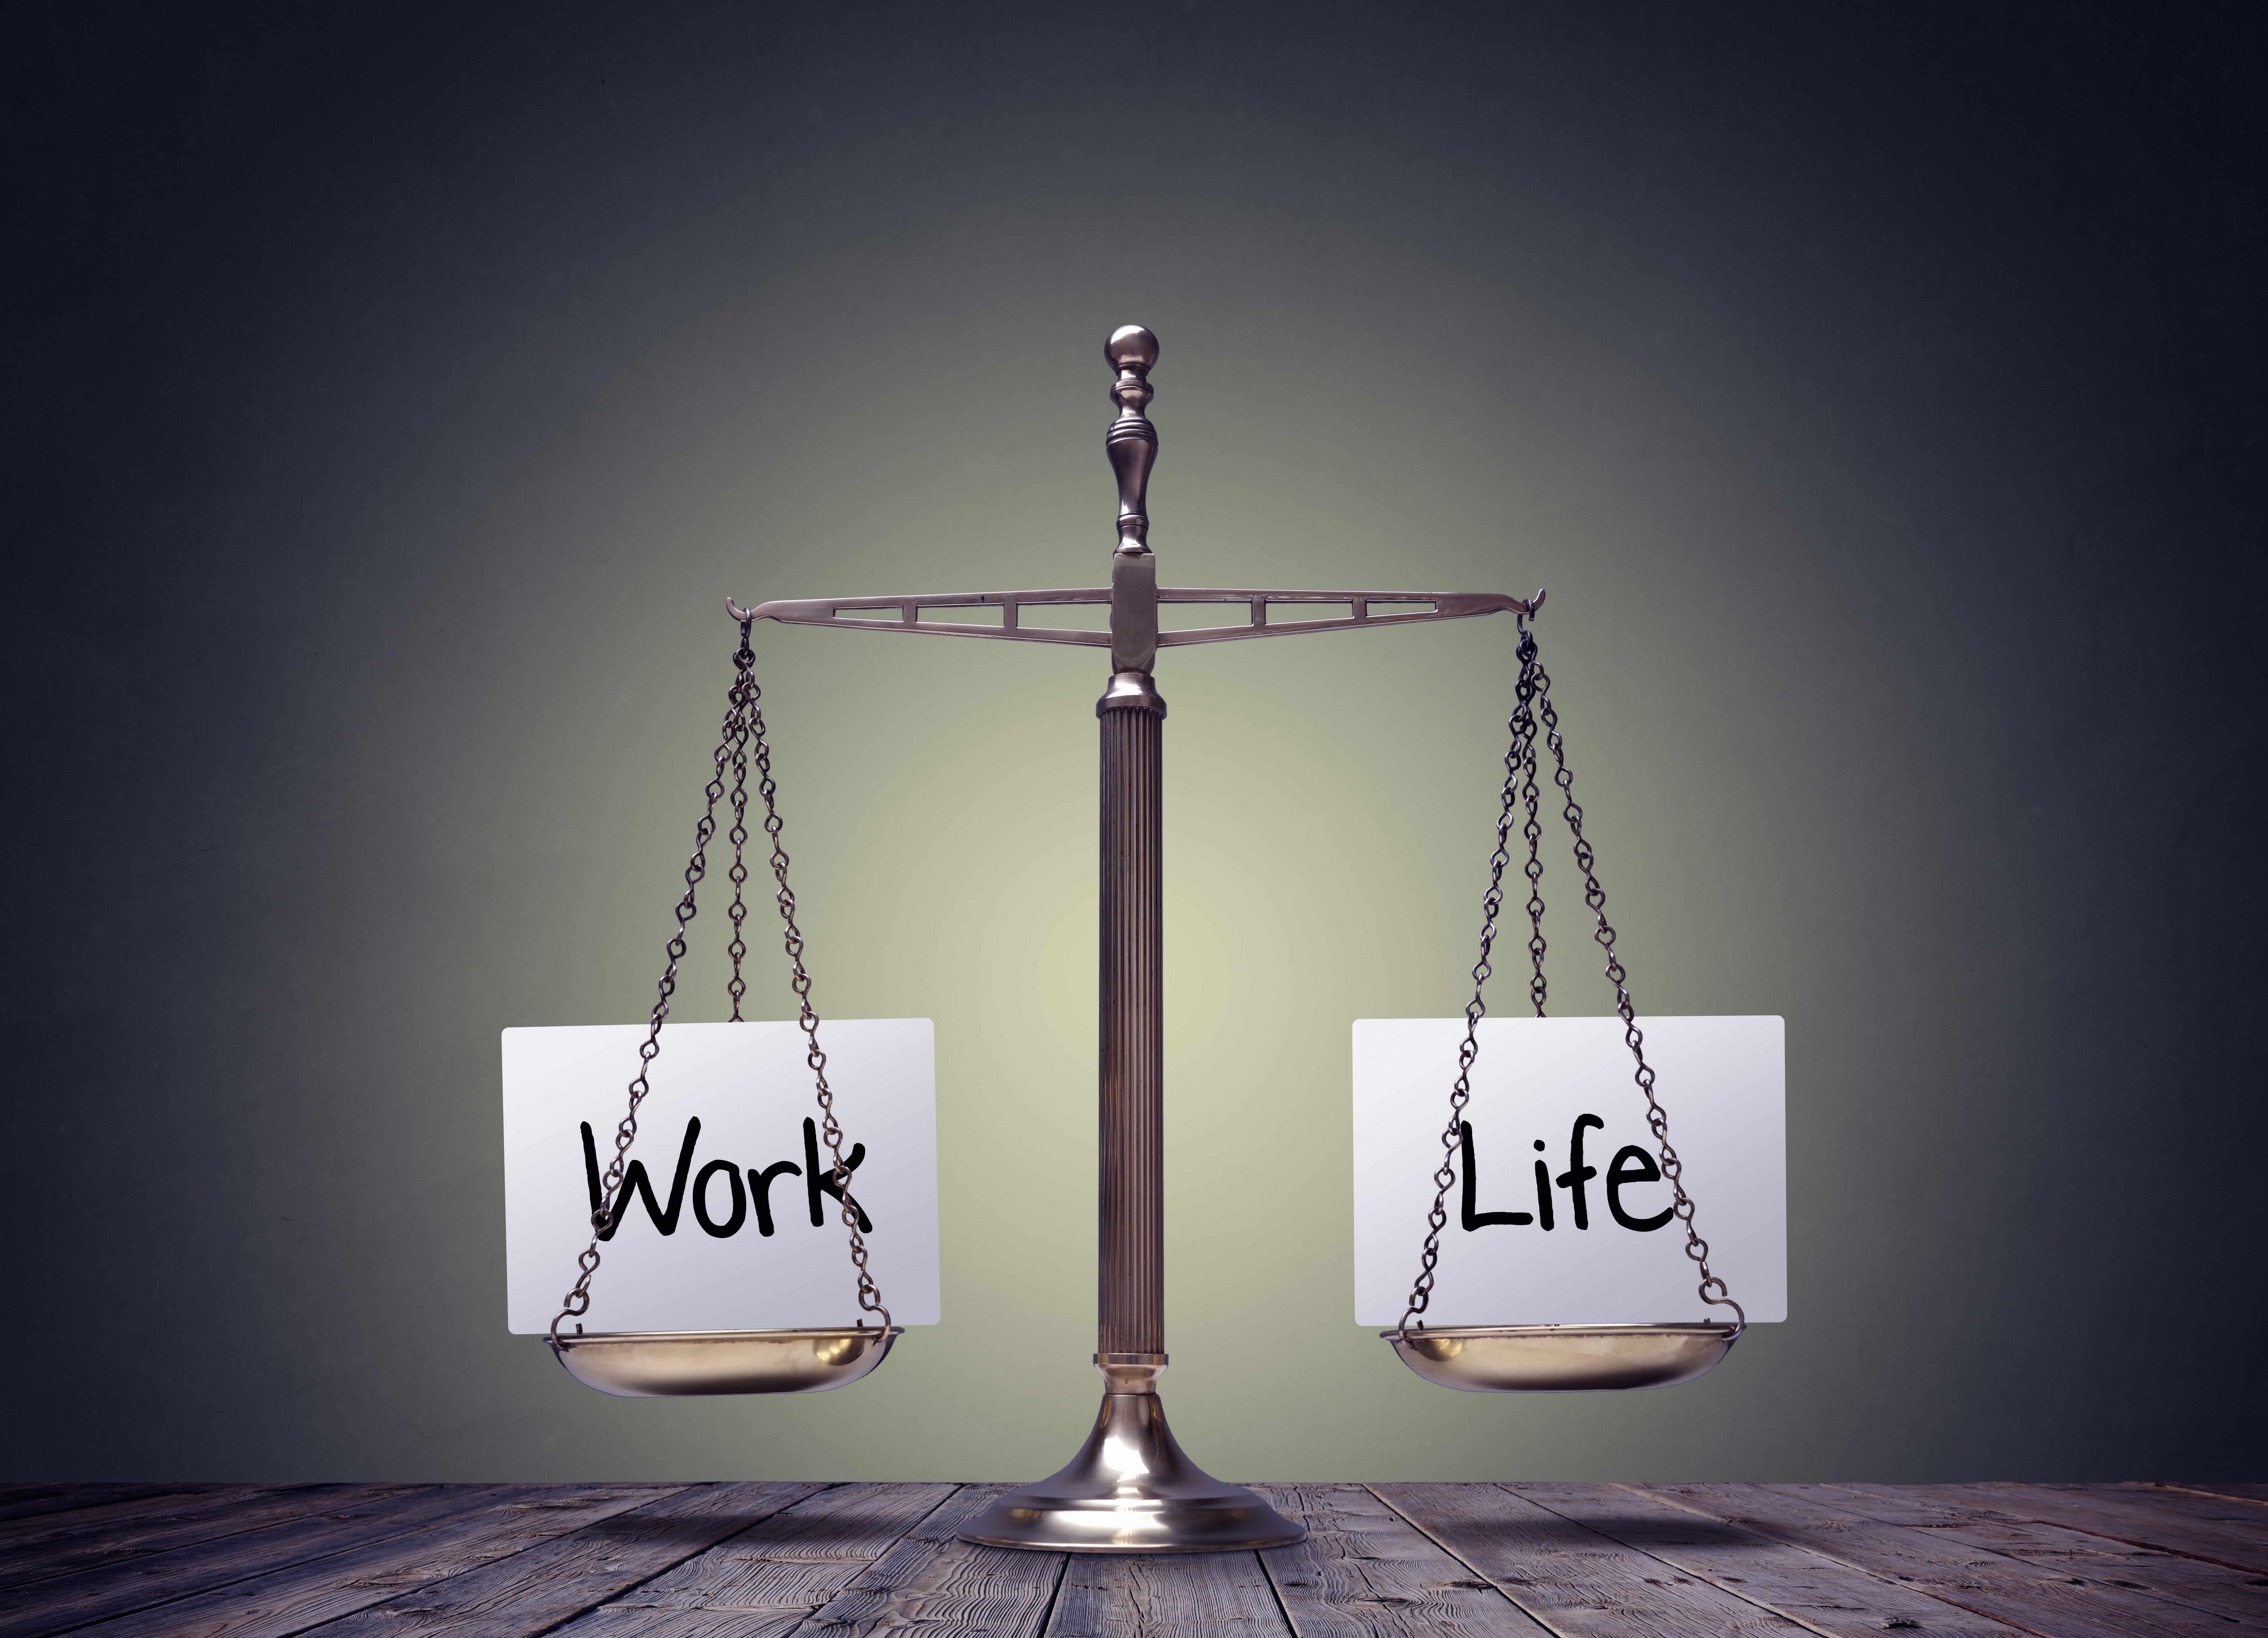 Berufliche Neuorientierung – Letztendlich wird man nur in einer Tätigkeit erfolgreich und glücklich, die man liebt.